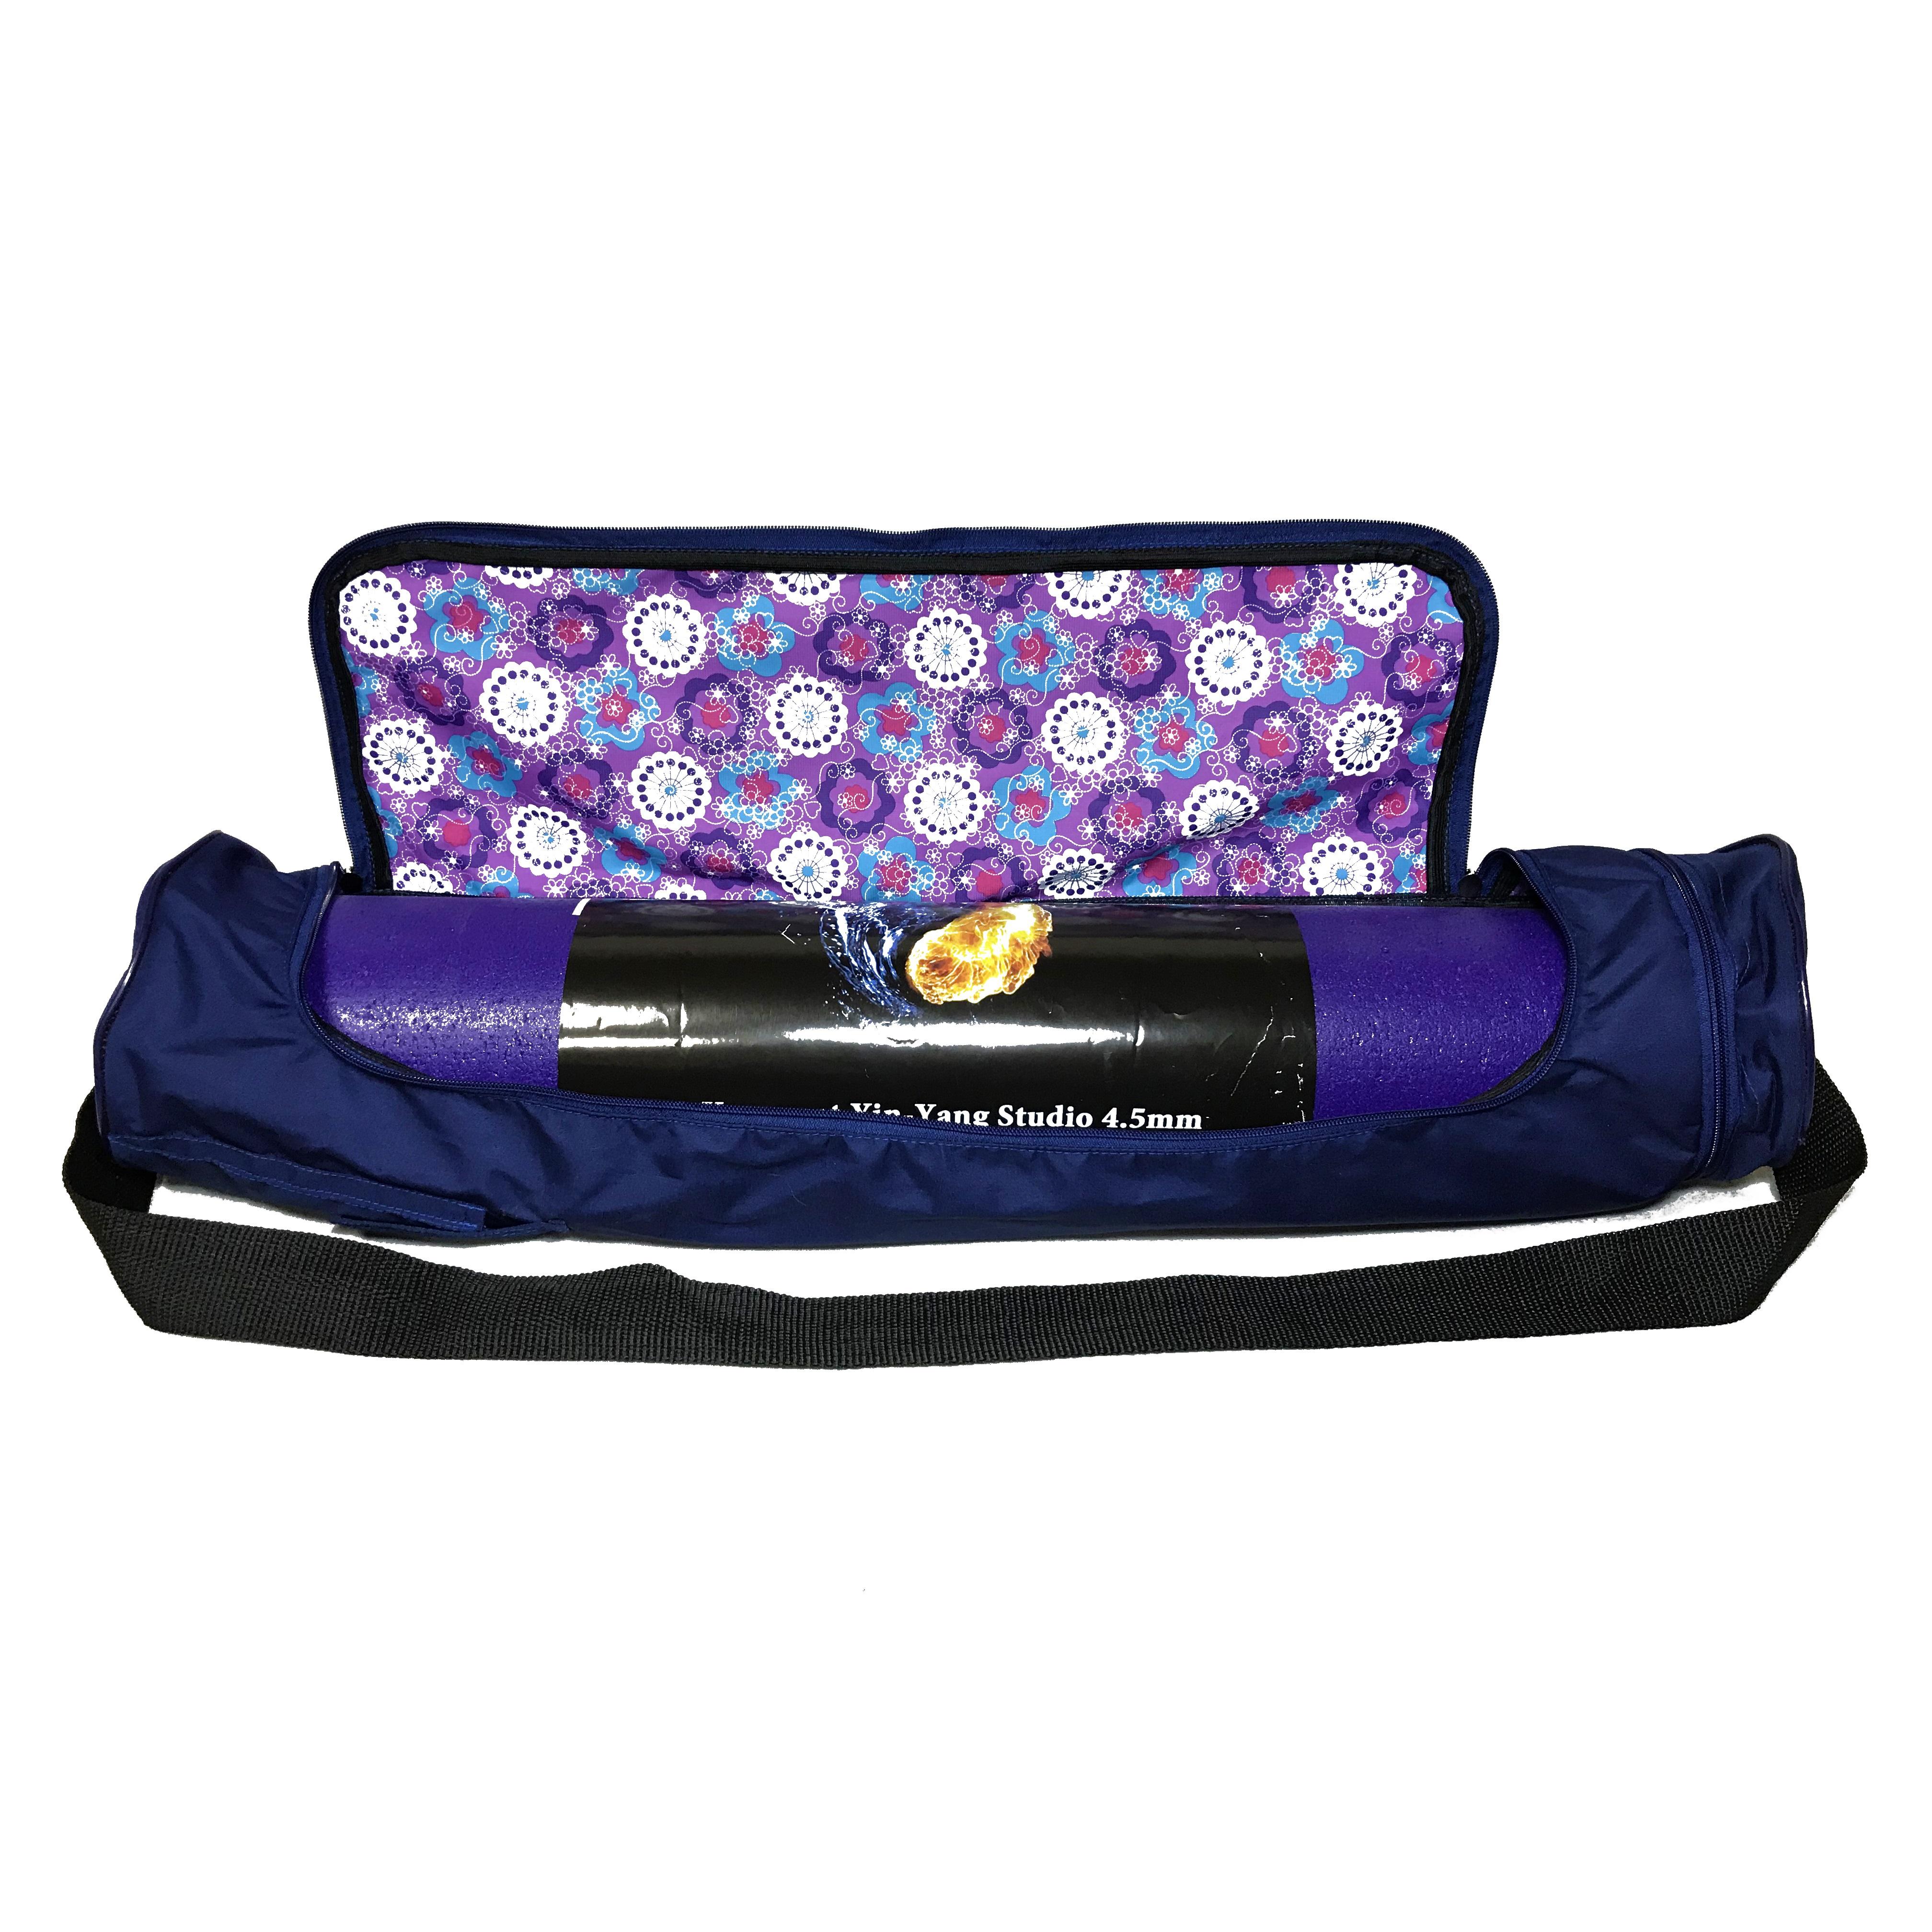 Чехол для коврика Torba Yoga Bag (0,3 кг, темно-синий)